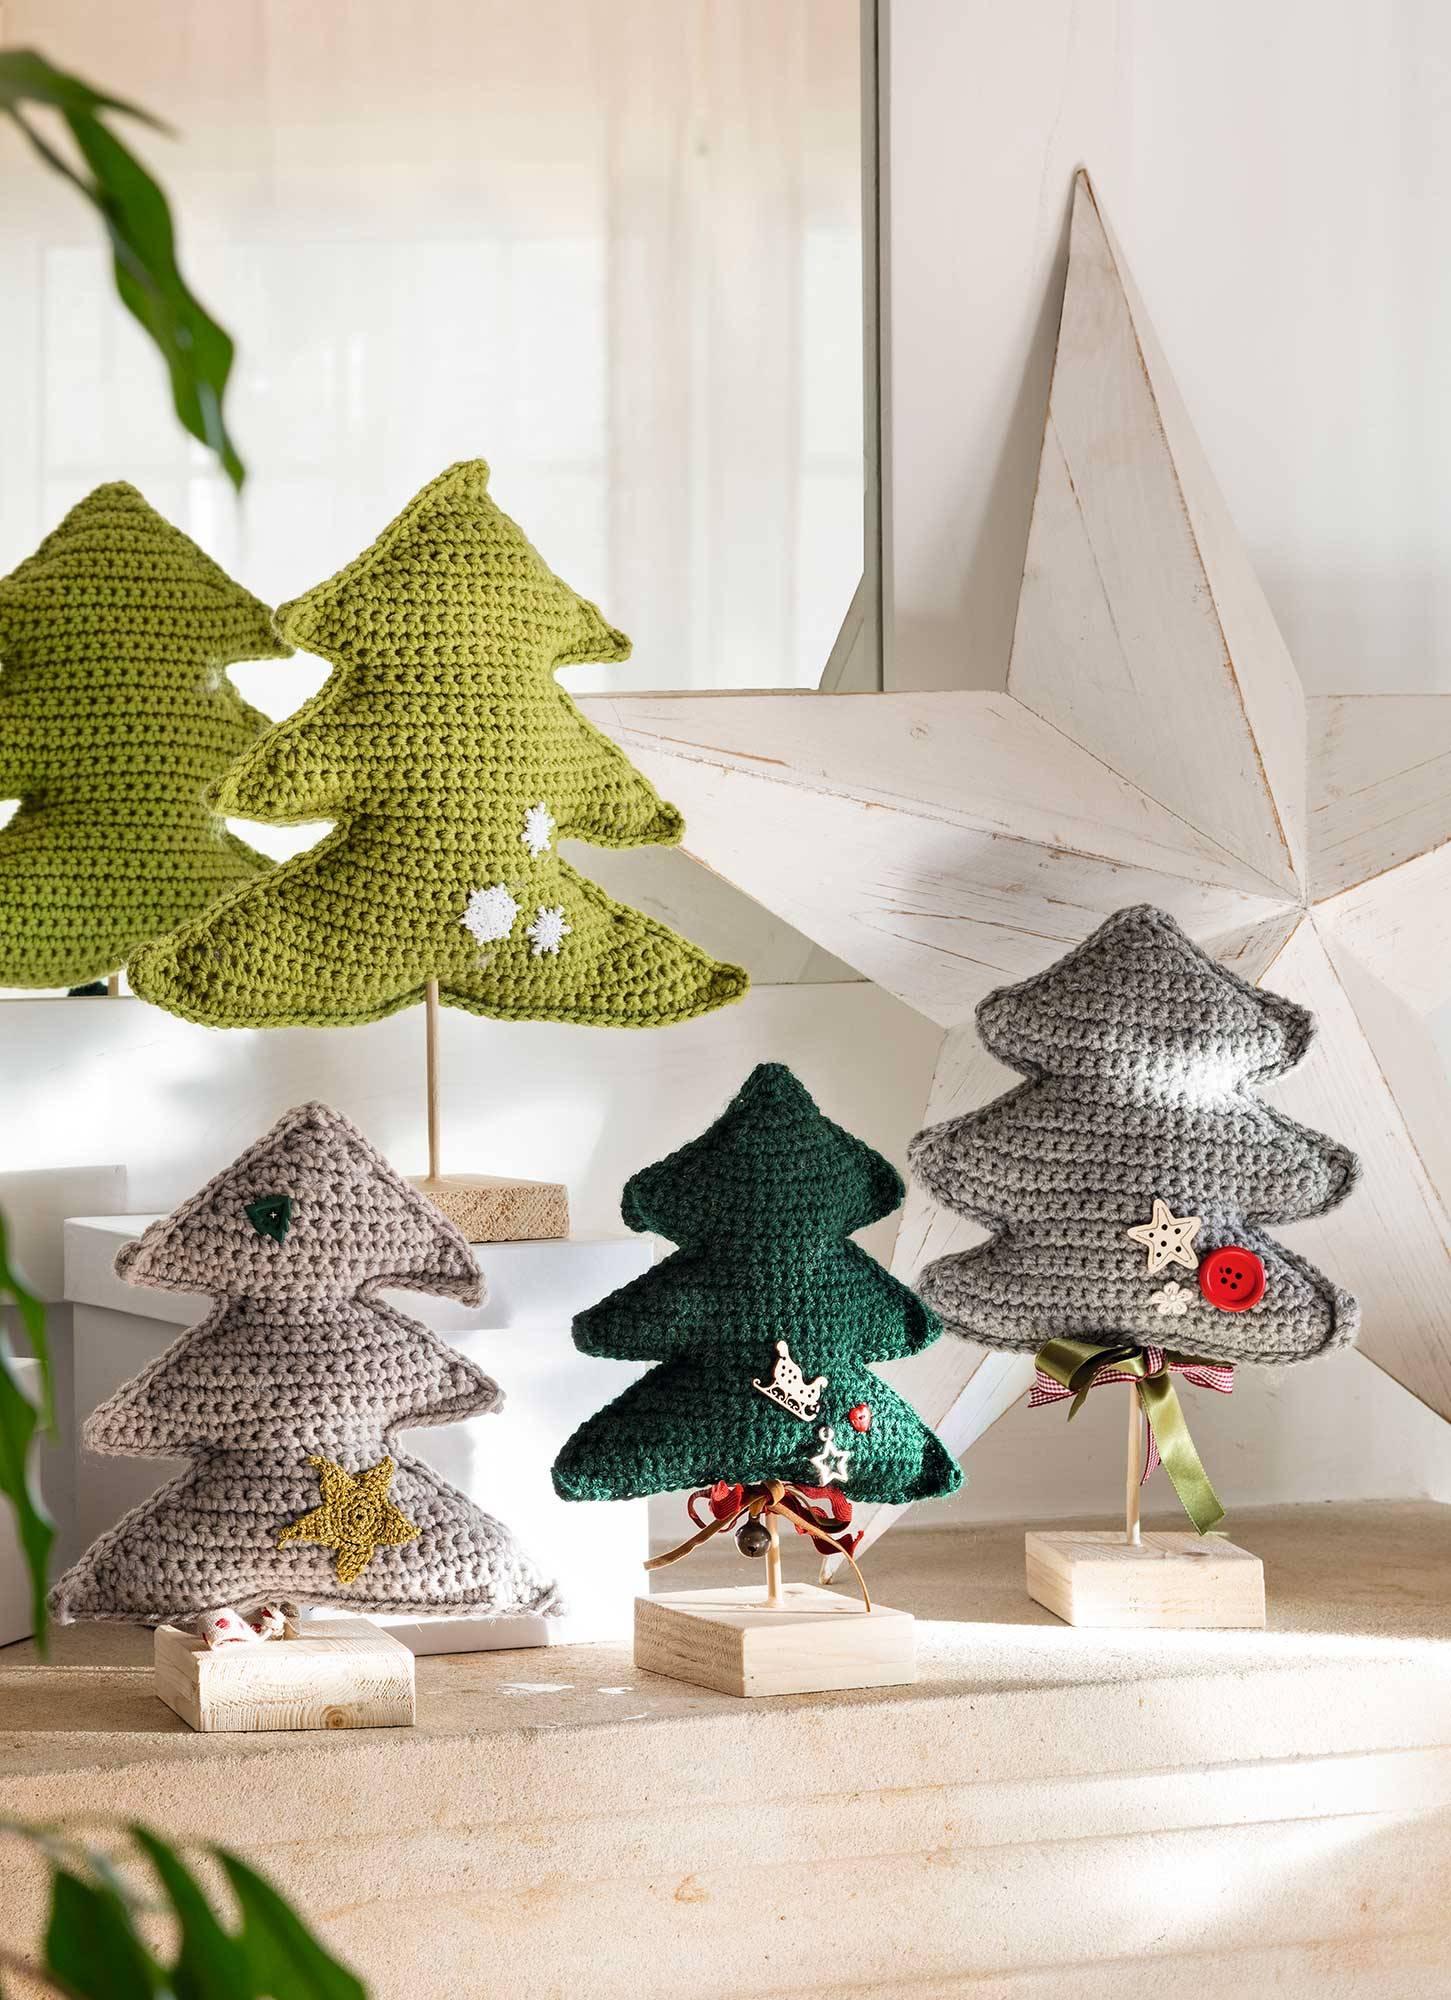 00493476. Divertidos árboles de Navidad de ganchillo